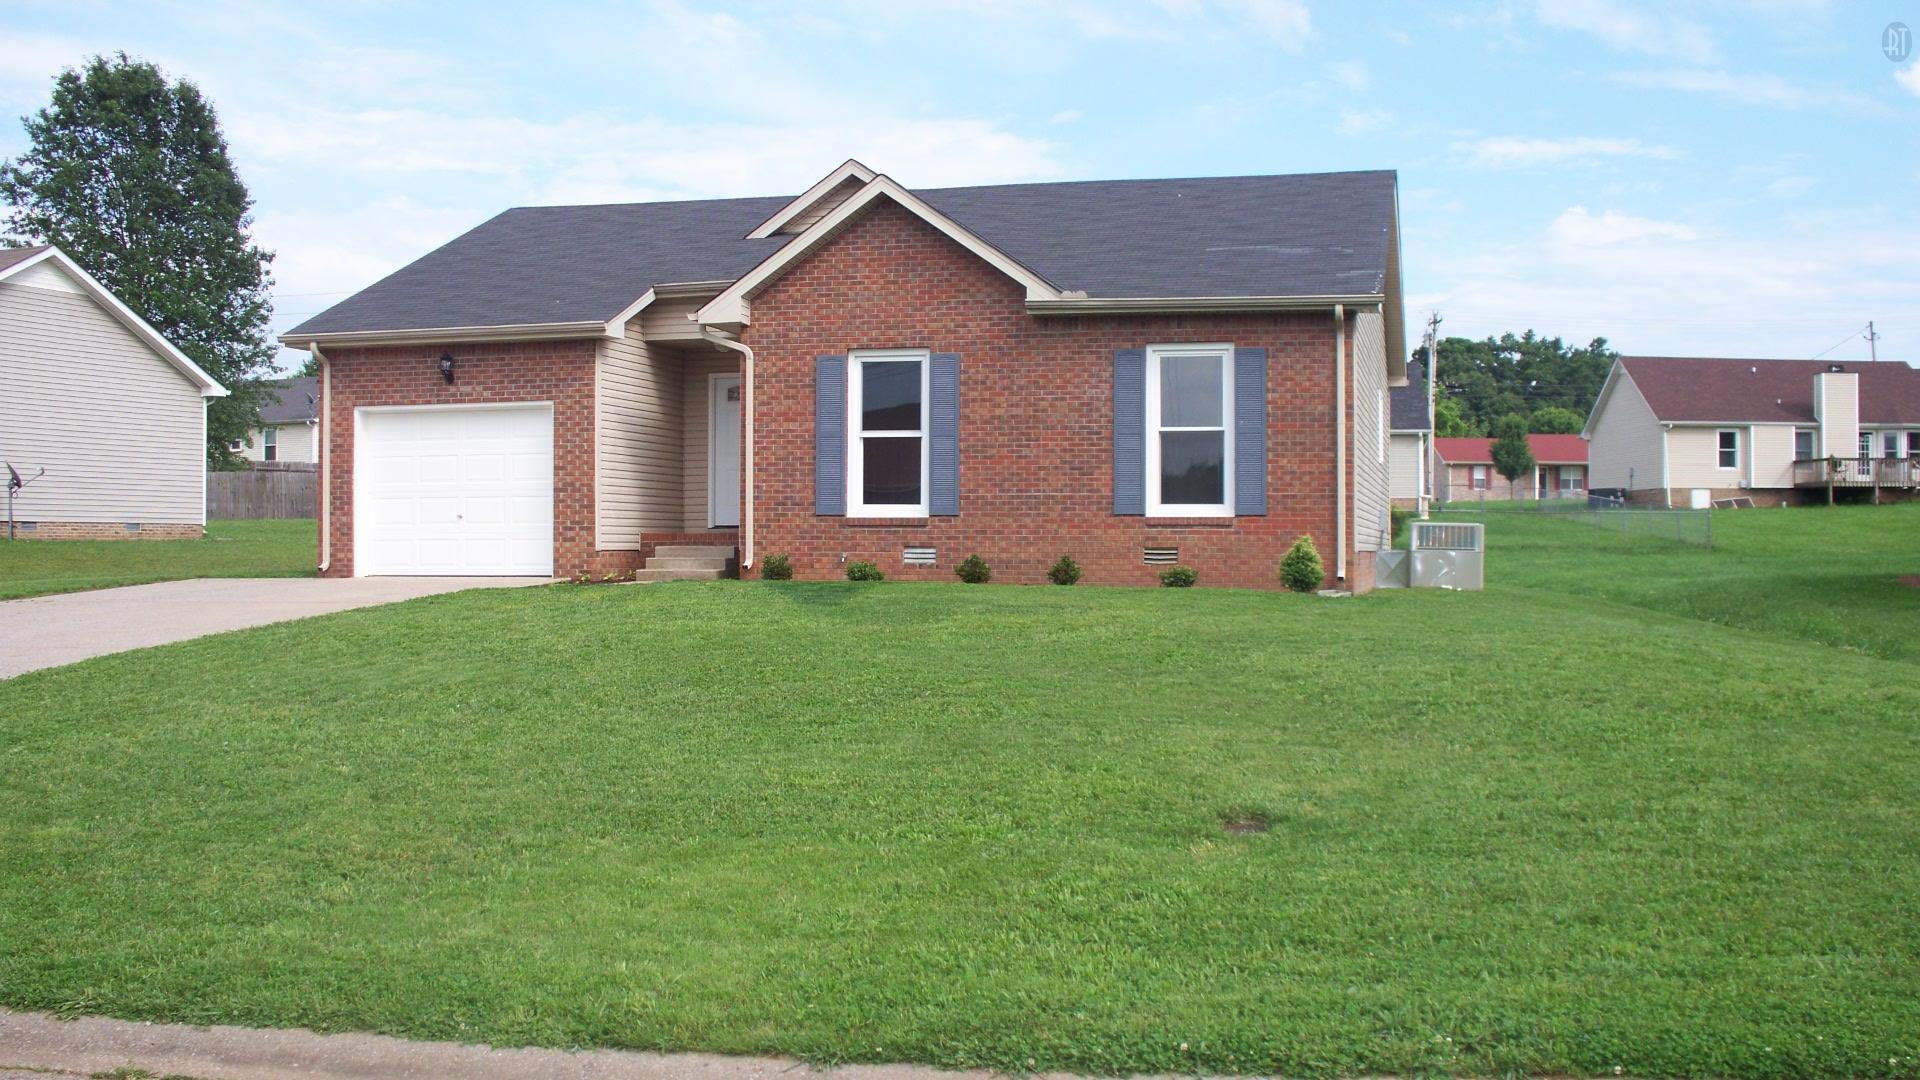 1756 Butternut Dr, Clarksville, TN 37042